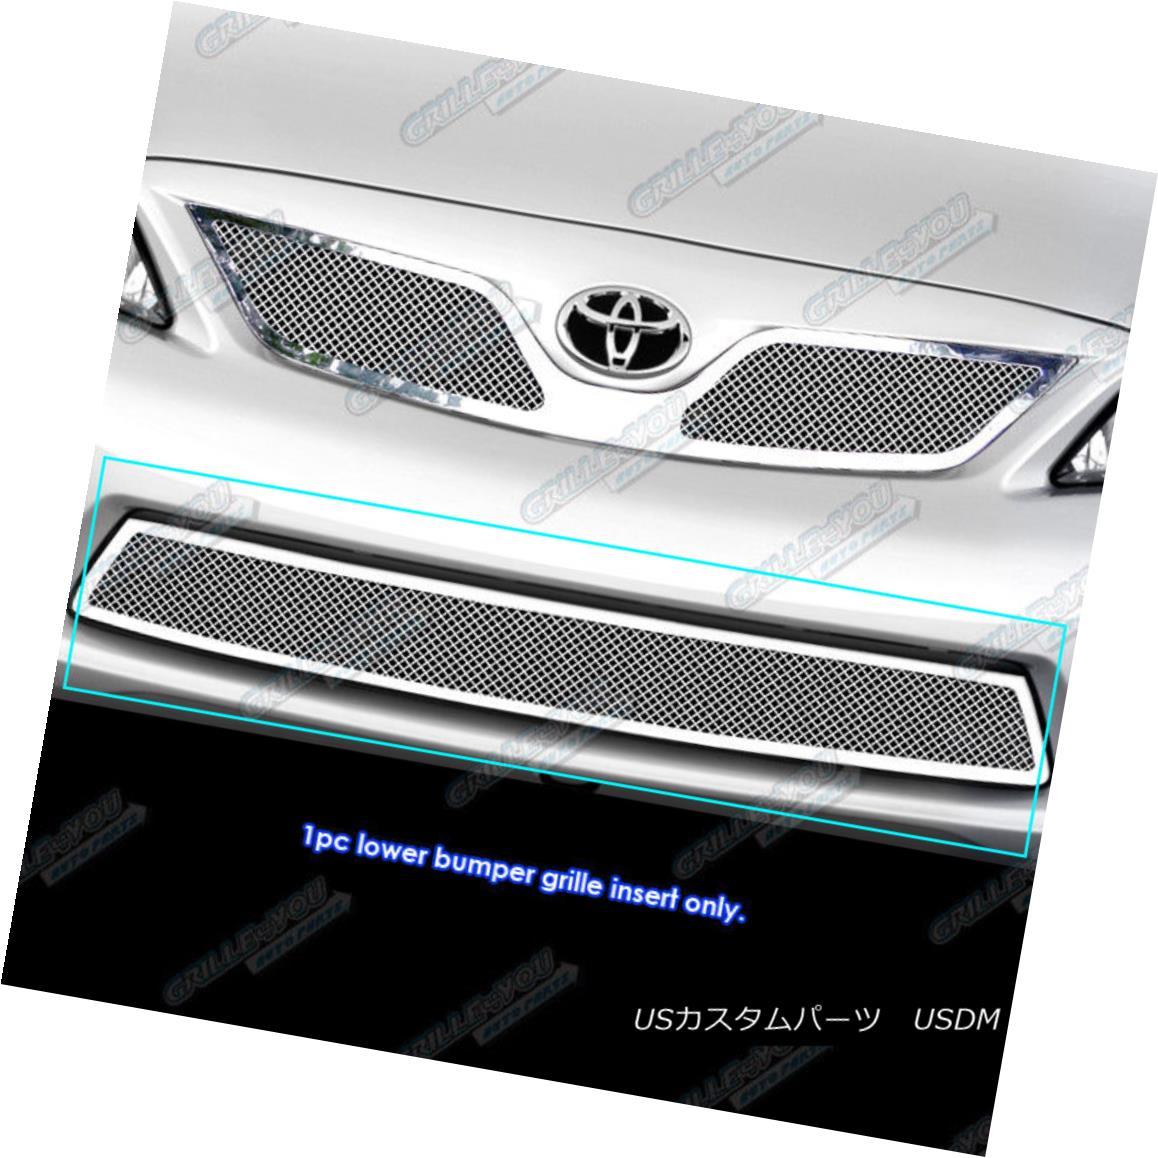 グリル For 2011-2013 Toyota Corolla Stainless Steel Bumper Mesh Grille Grill Insert トヨタカローラステンレスバンパーメッシュグリルグリルインサート